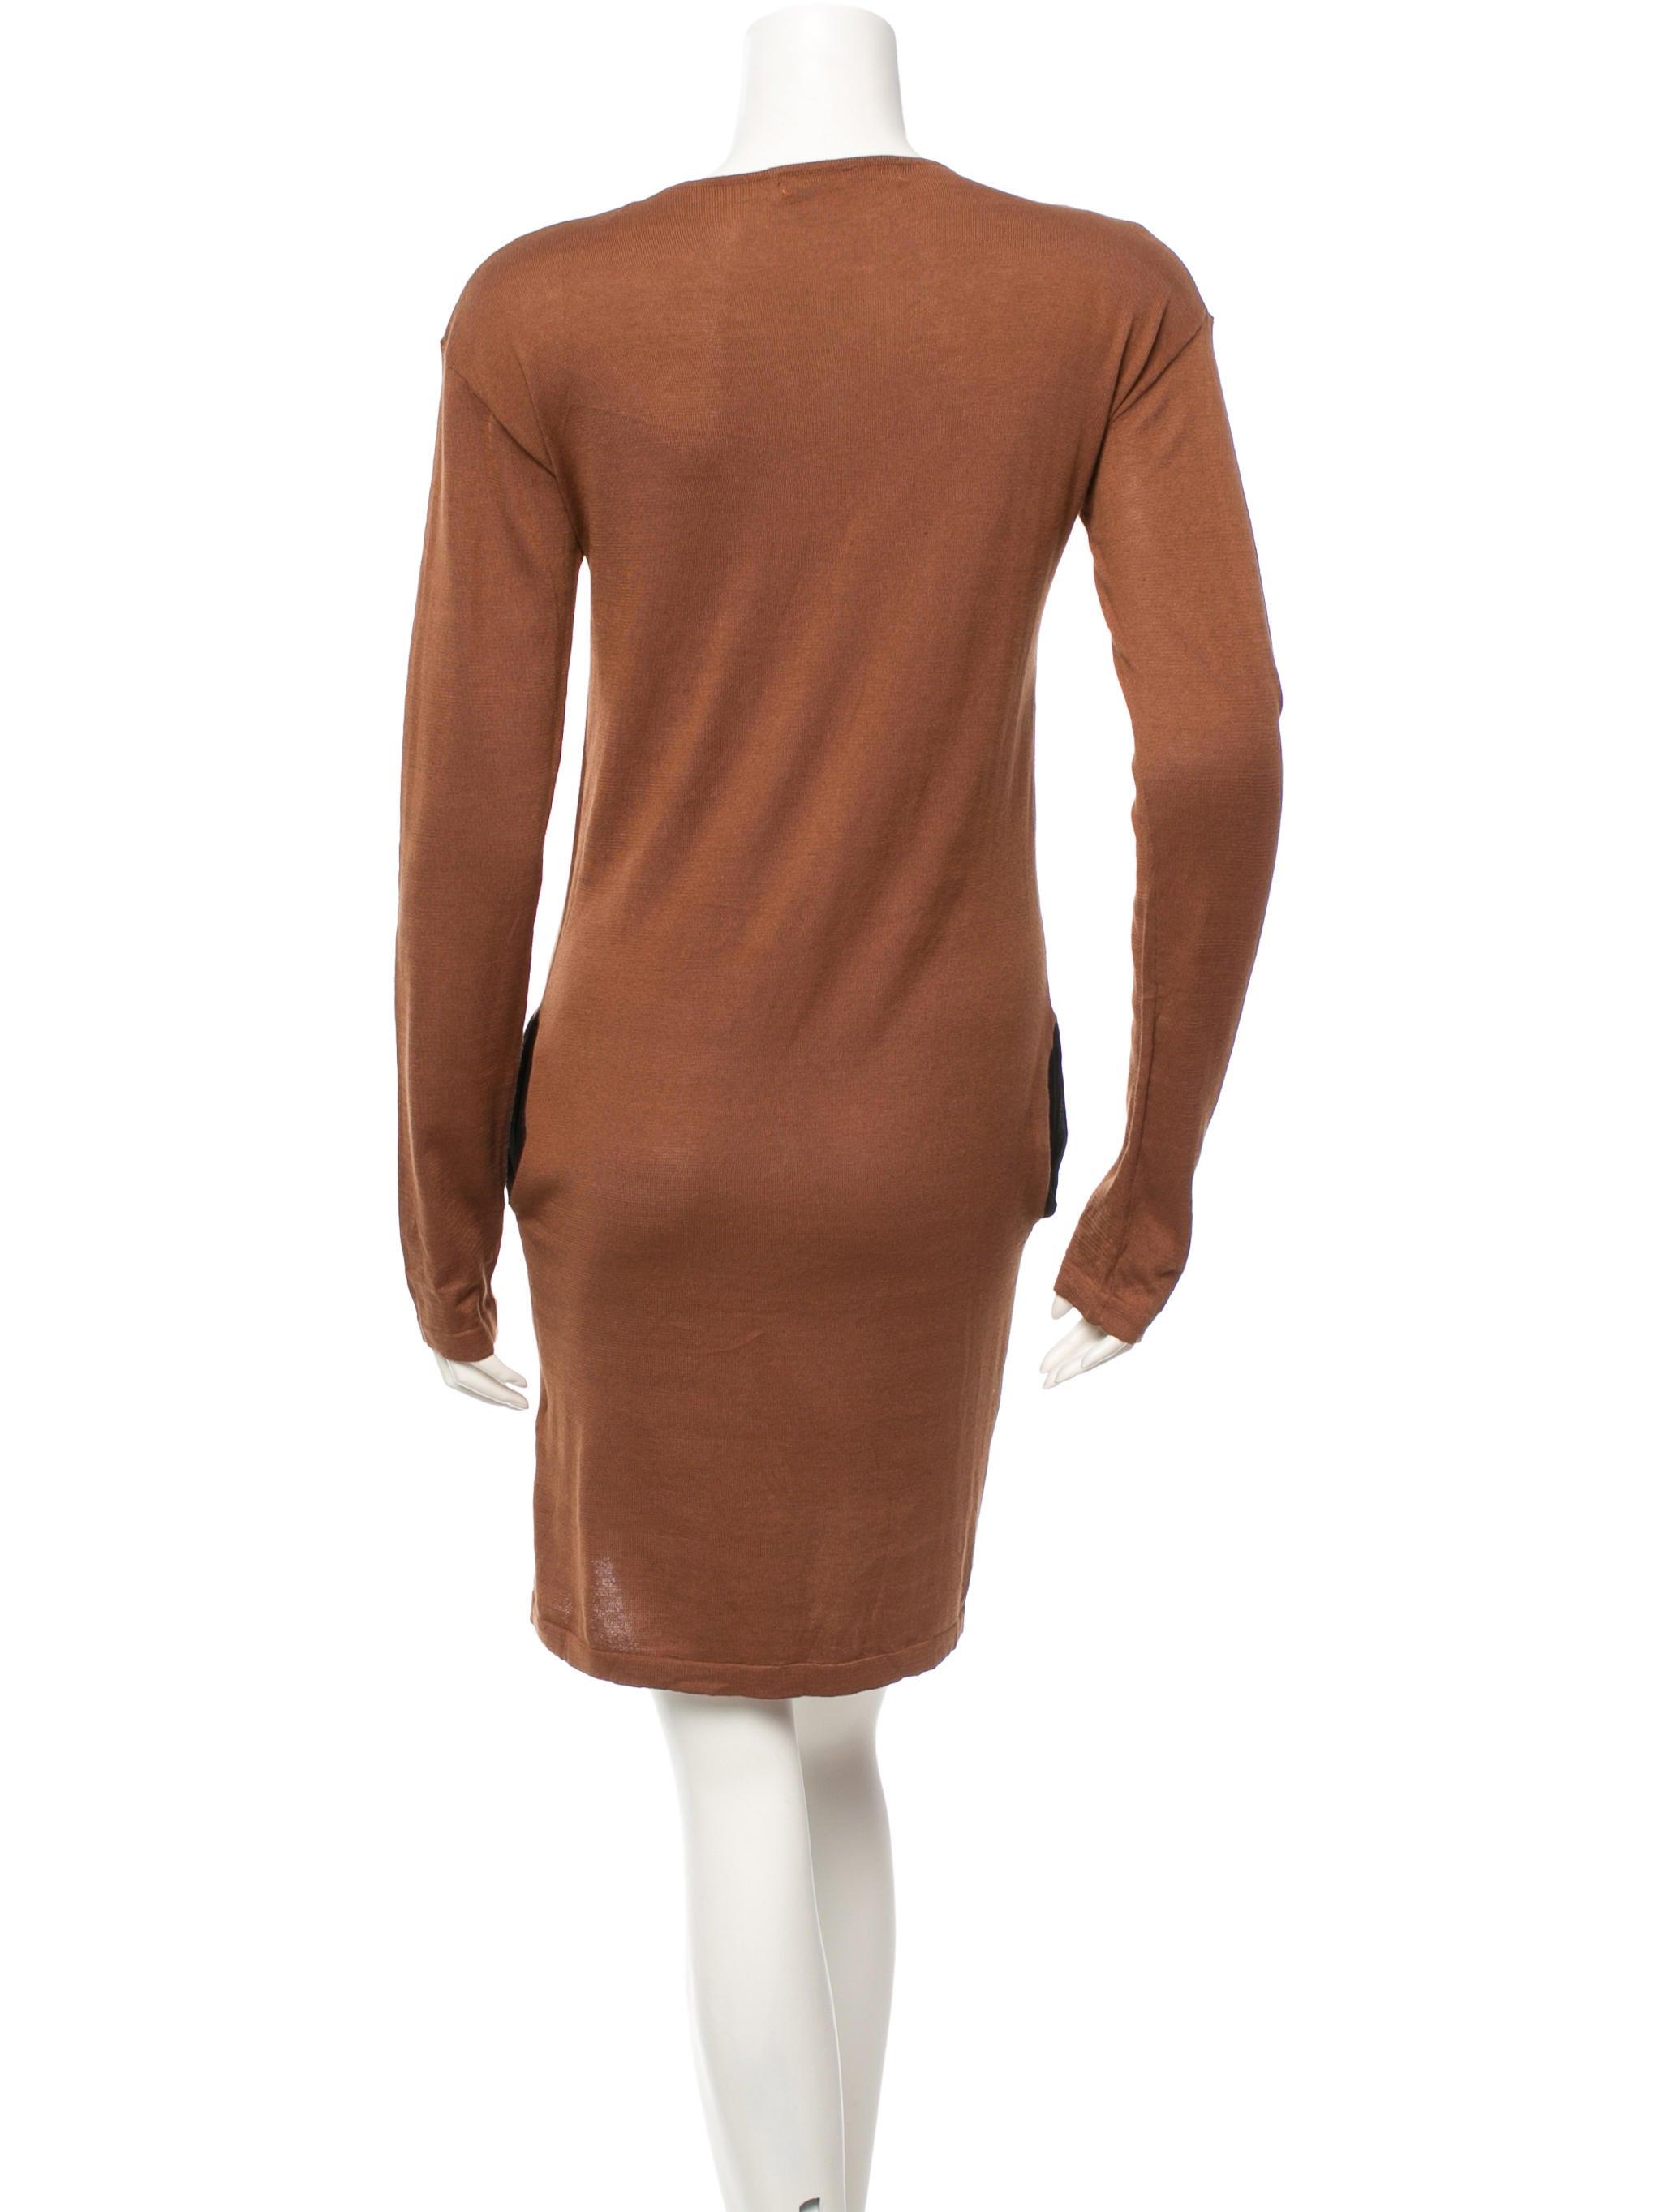 Balenciaga clothing online